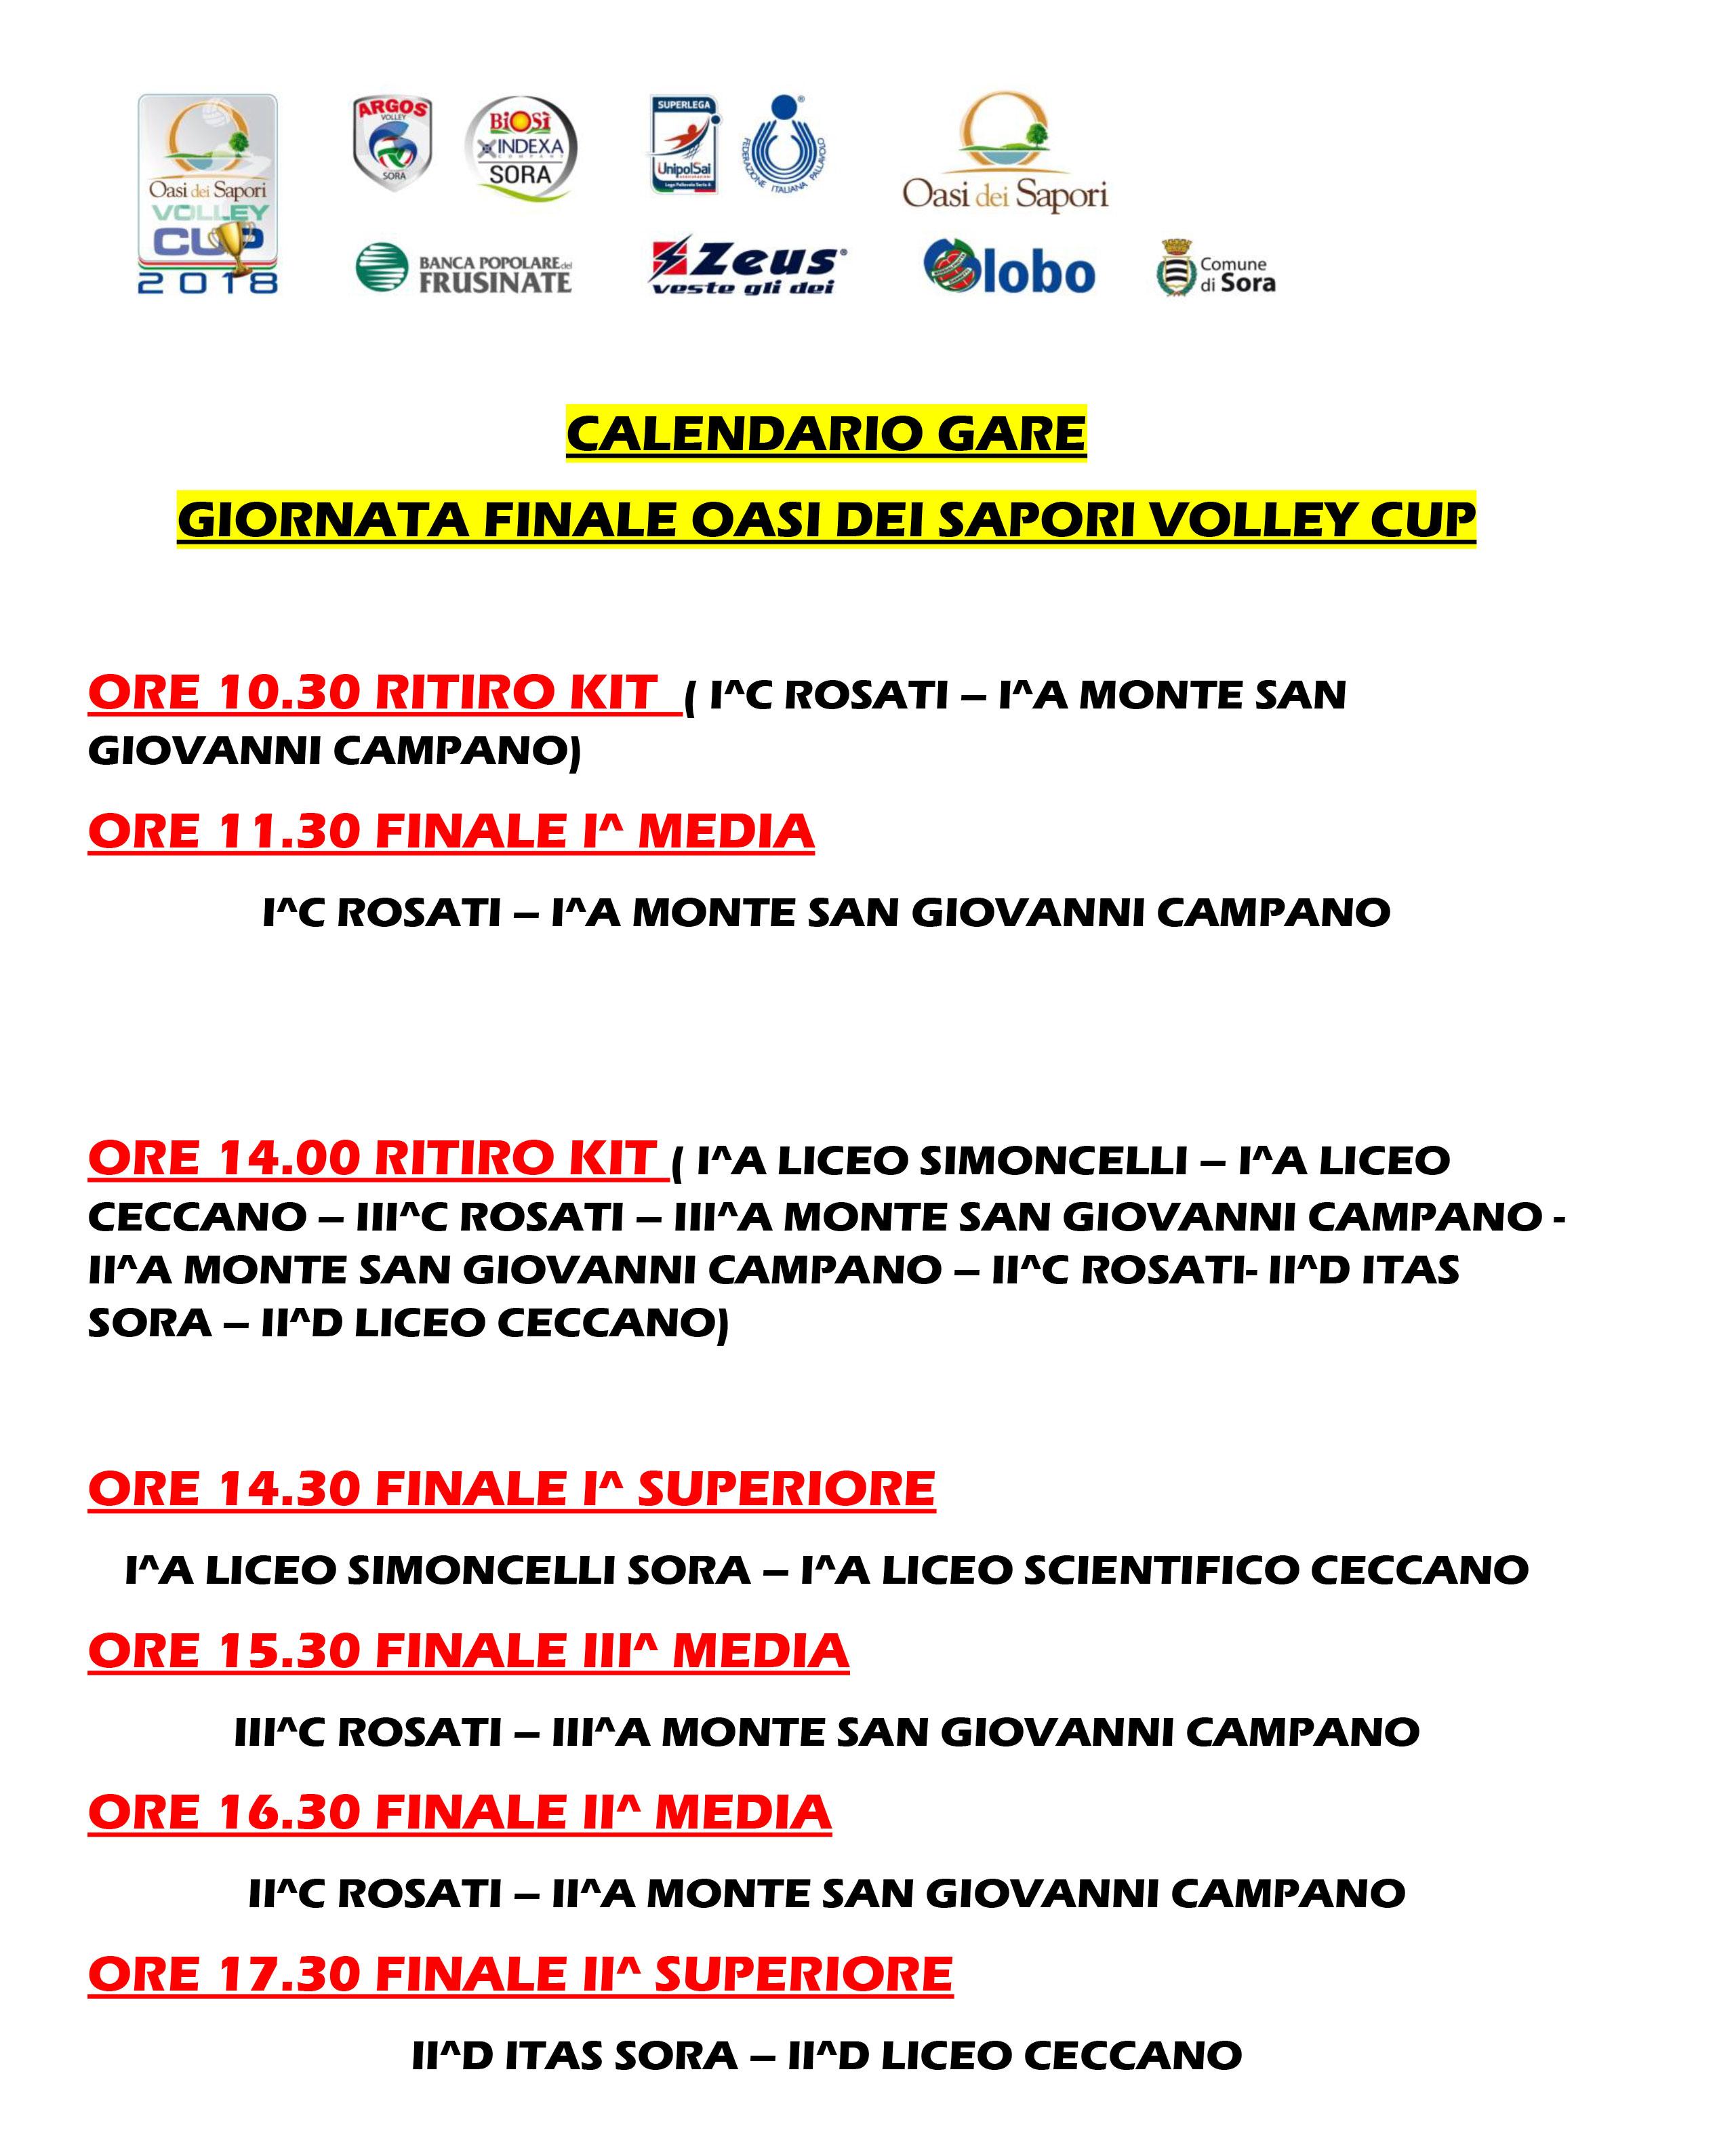 Globo Sora Calendario.Oasi Volley Cup Argos Volley